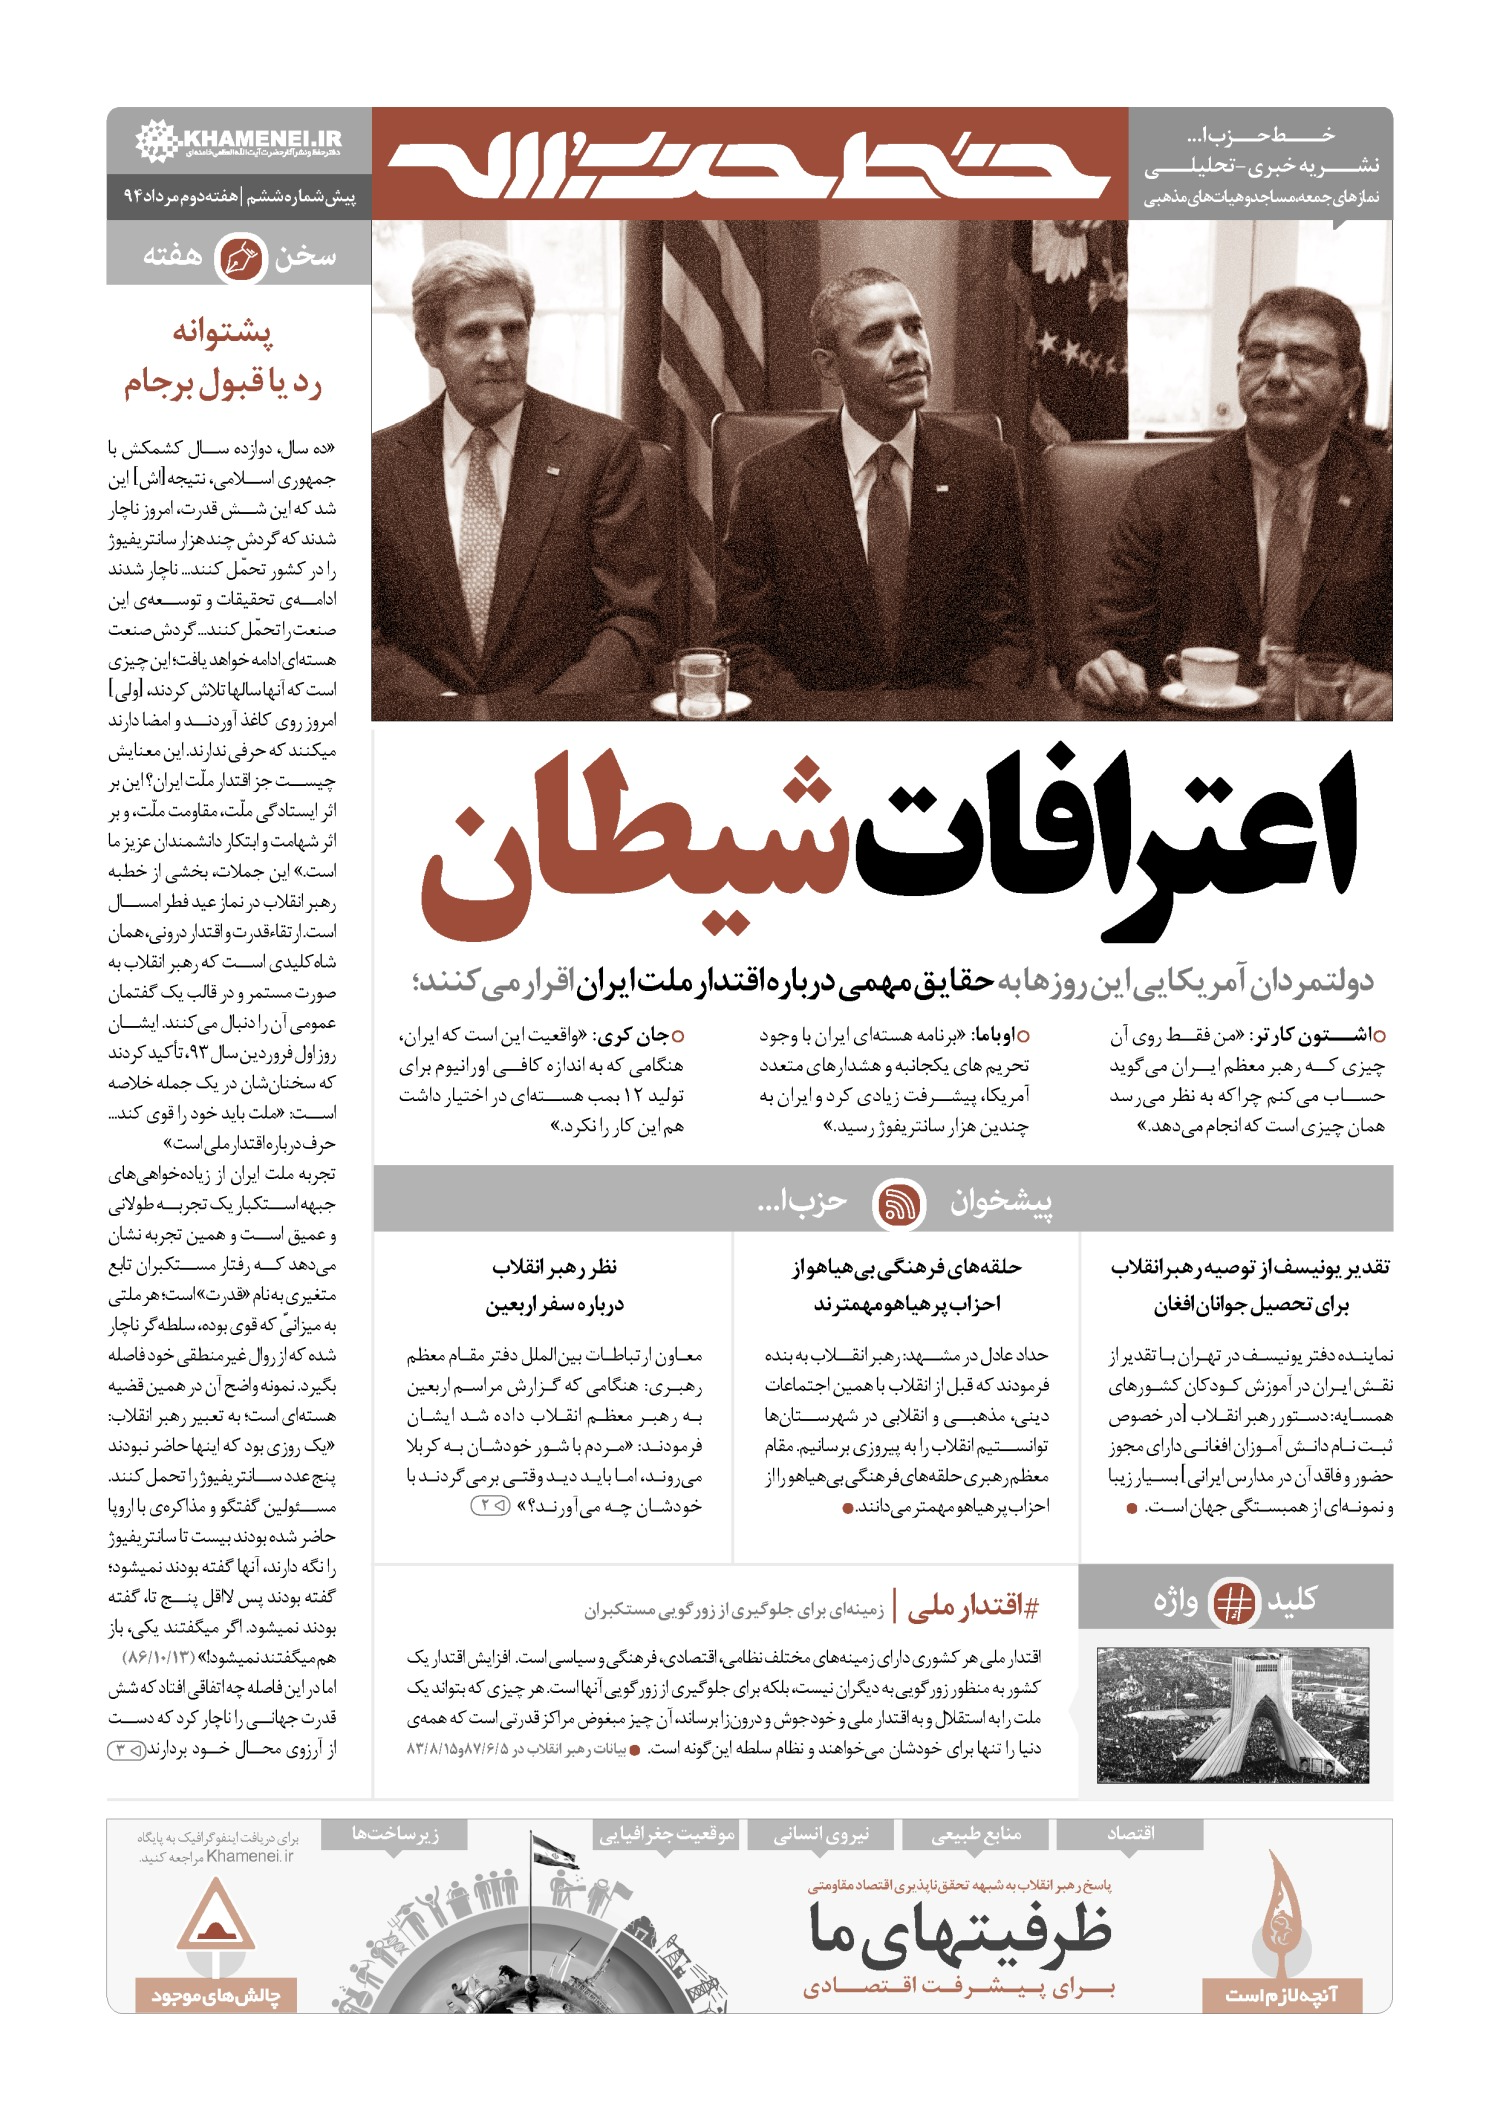 خط حزب الله -پیششماره ششم خط حزب الله -پیششماره ششم page large 11